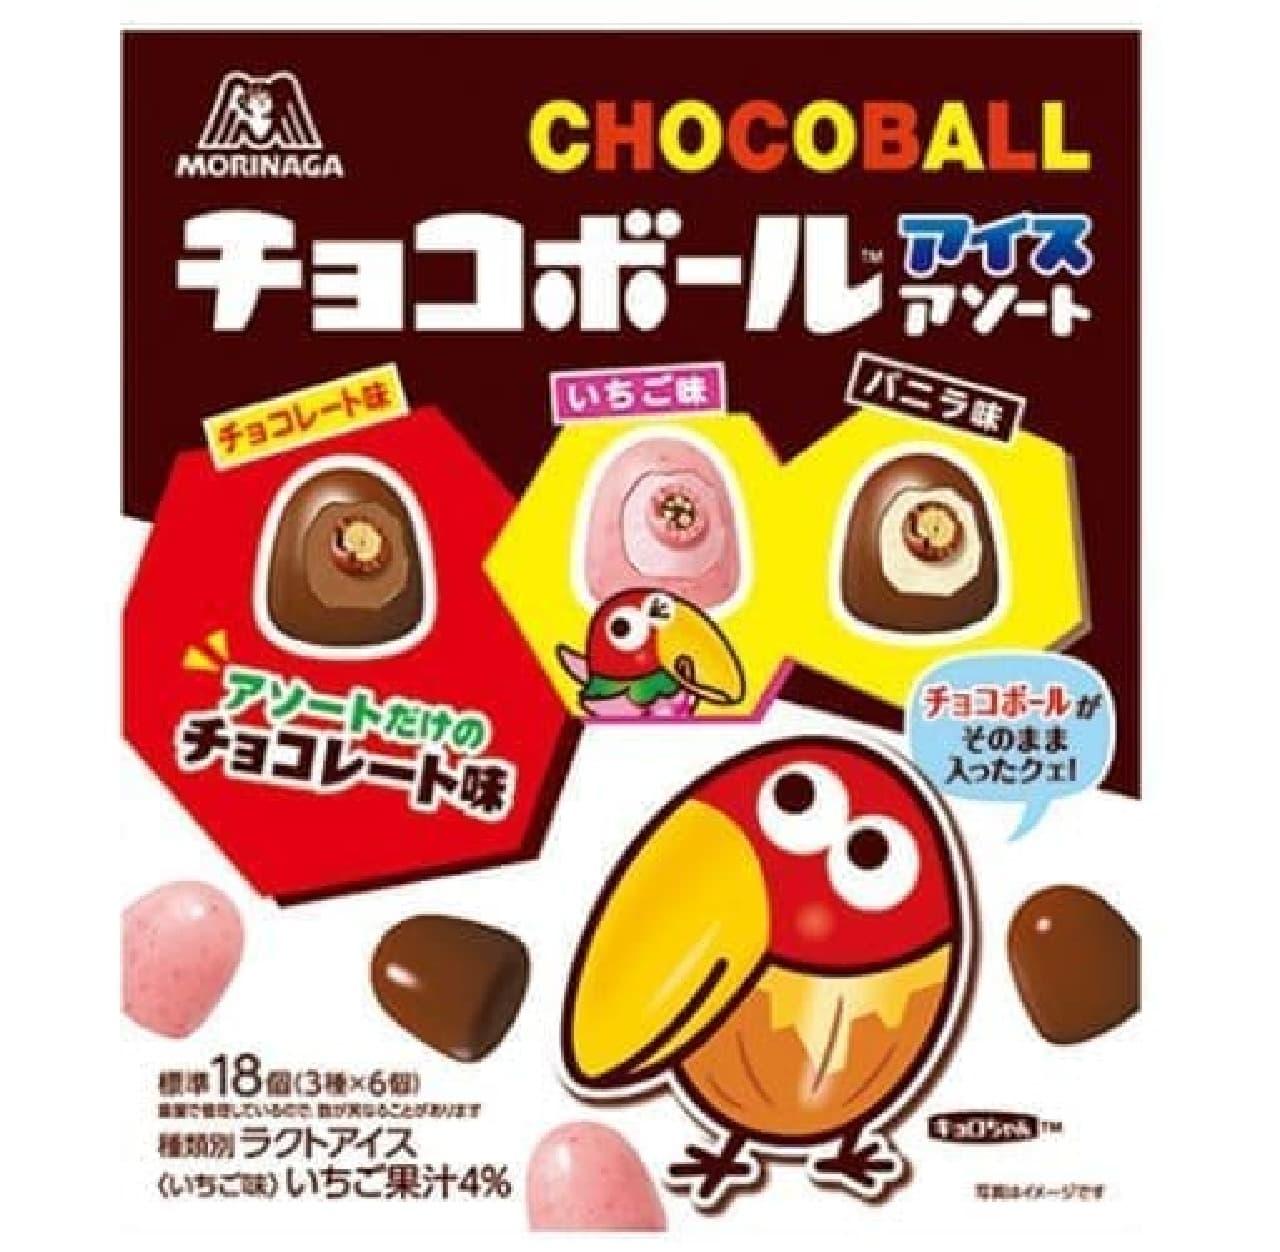 ファミリーマート「森永製菓 チョコボールアイスアソート」